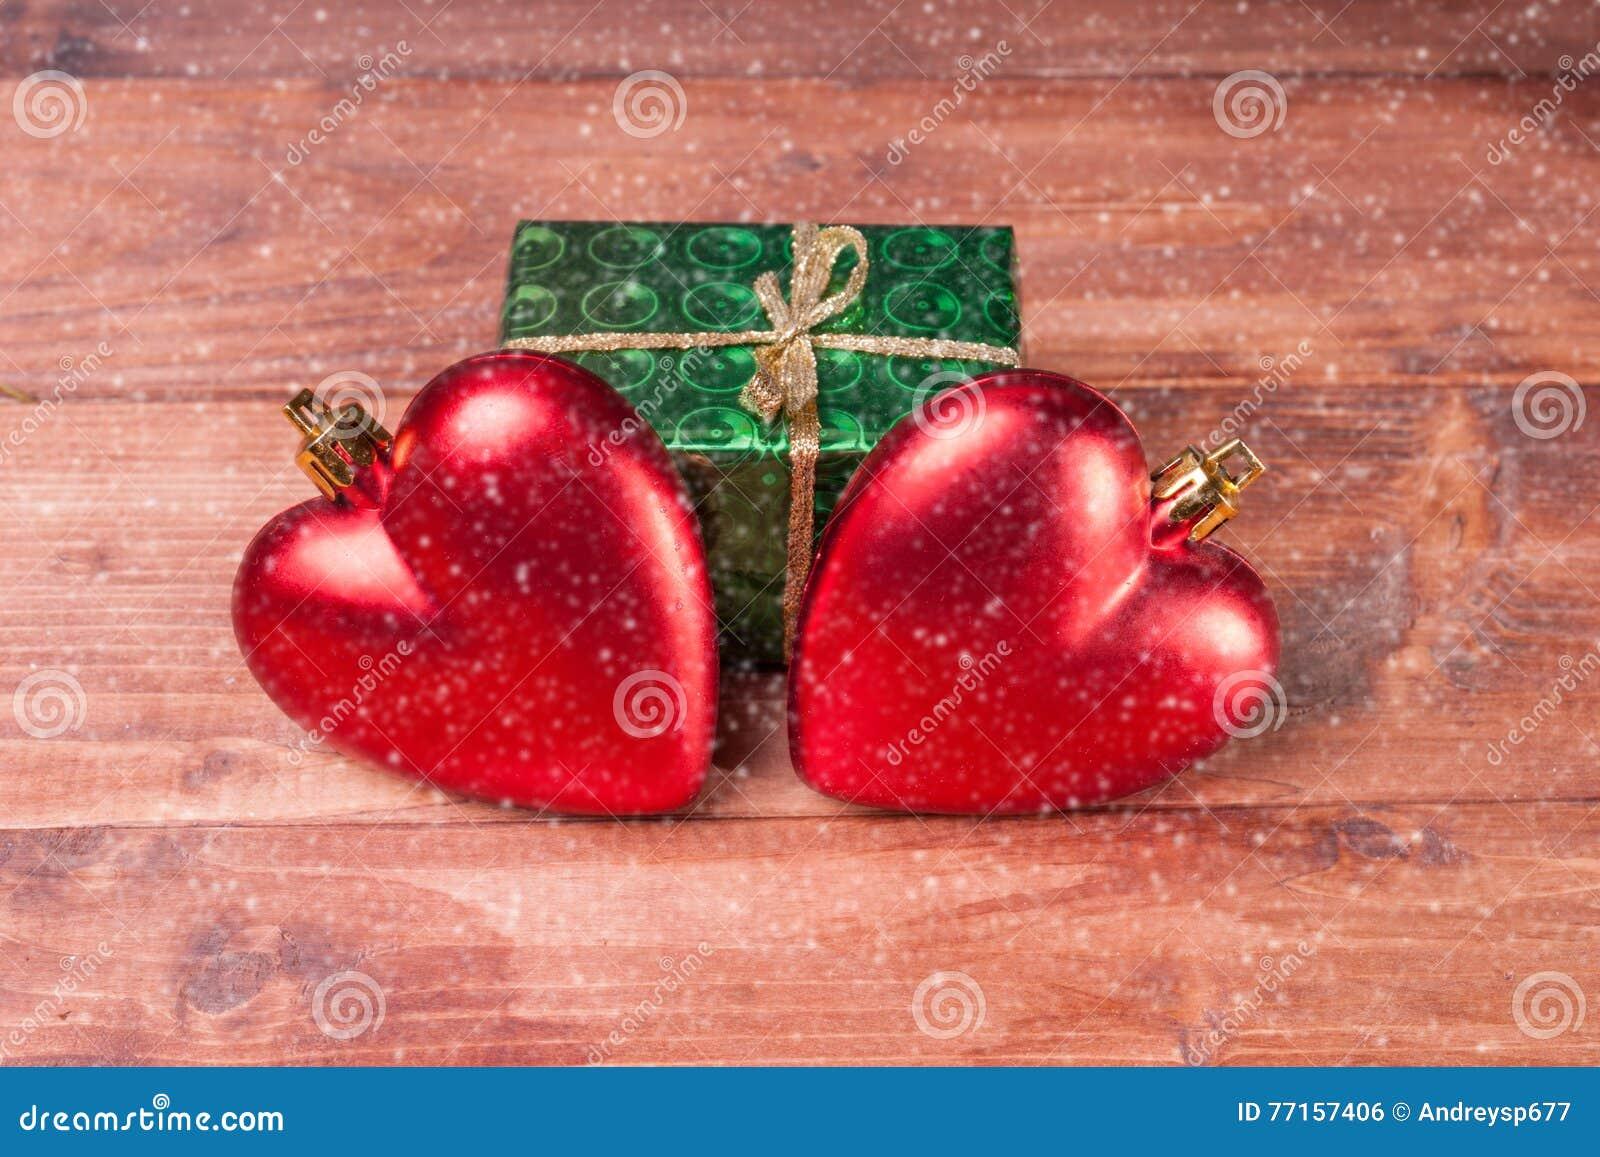 Boîte-cadeau avec deux coeurs rouges - décorations de Noël sur le fond en bois